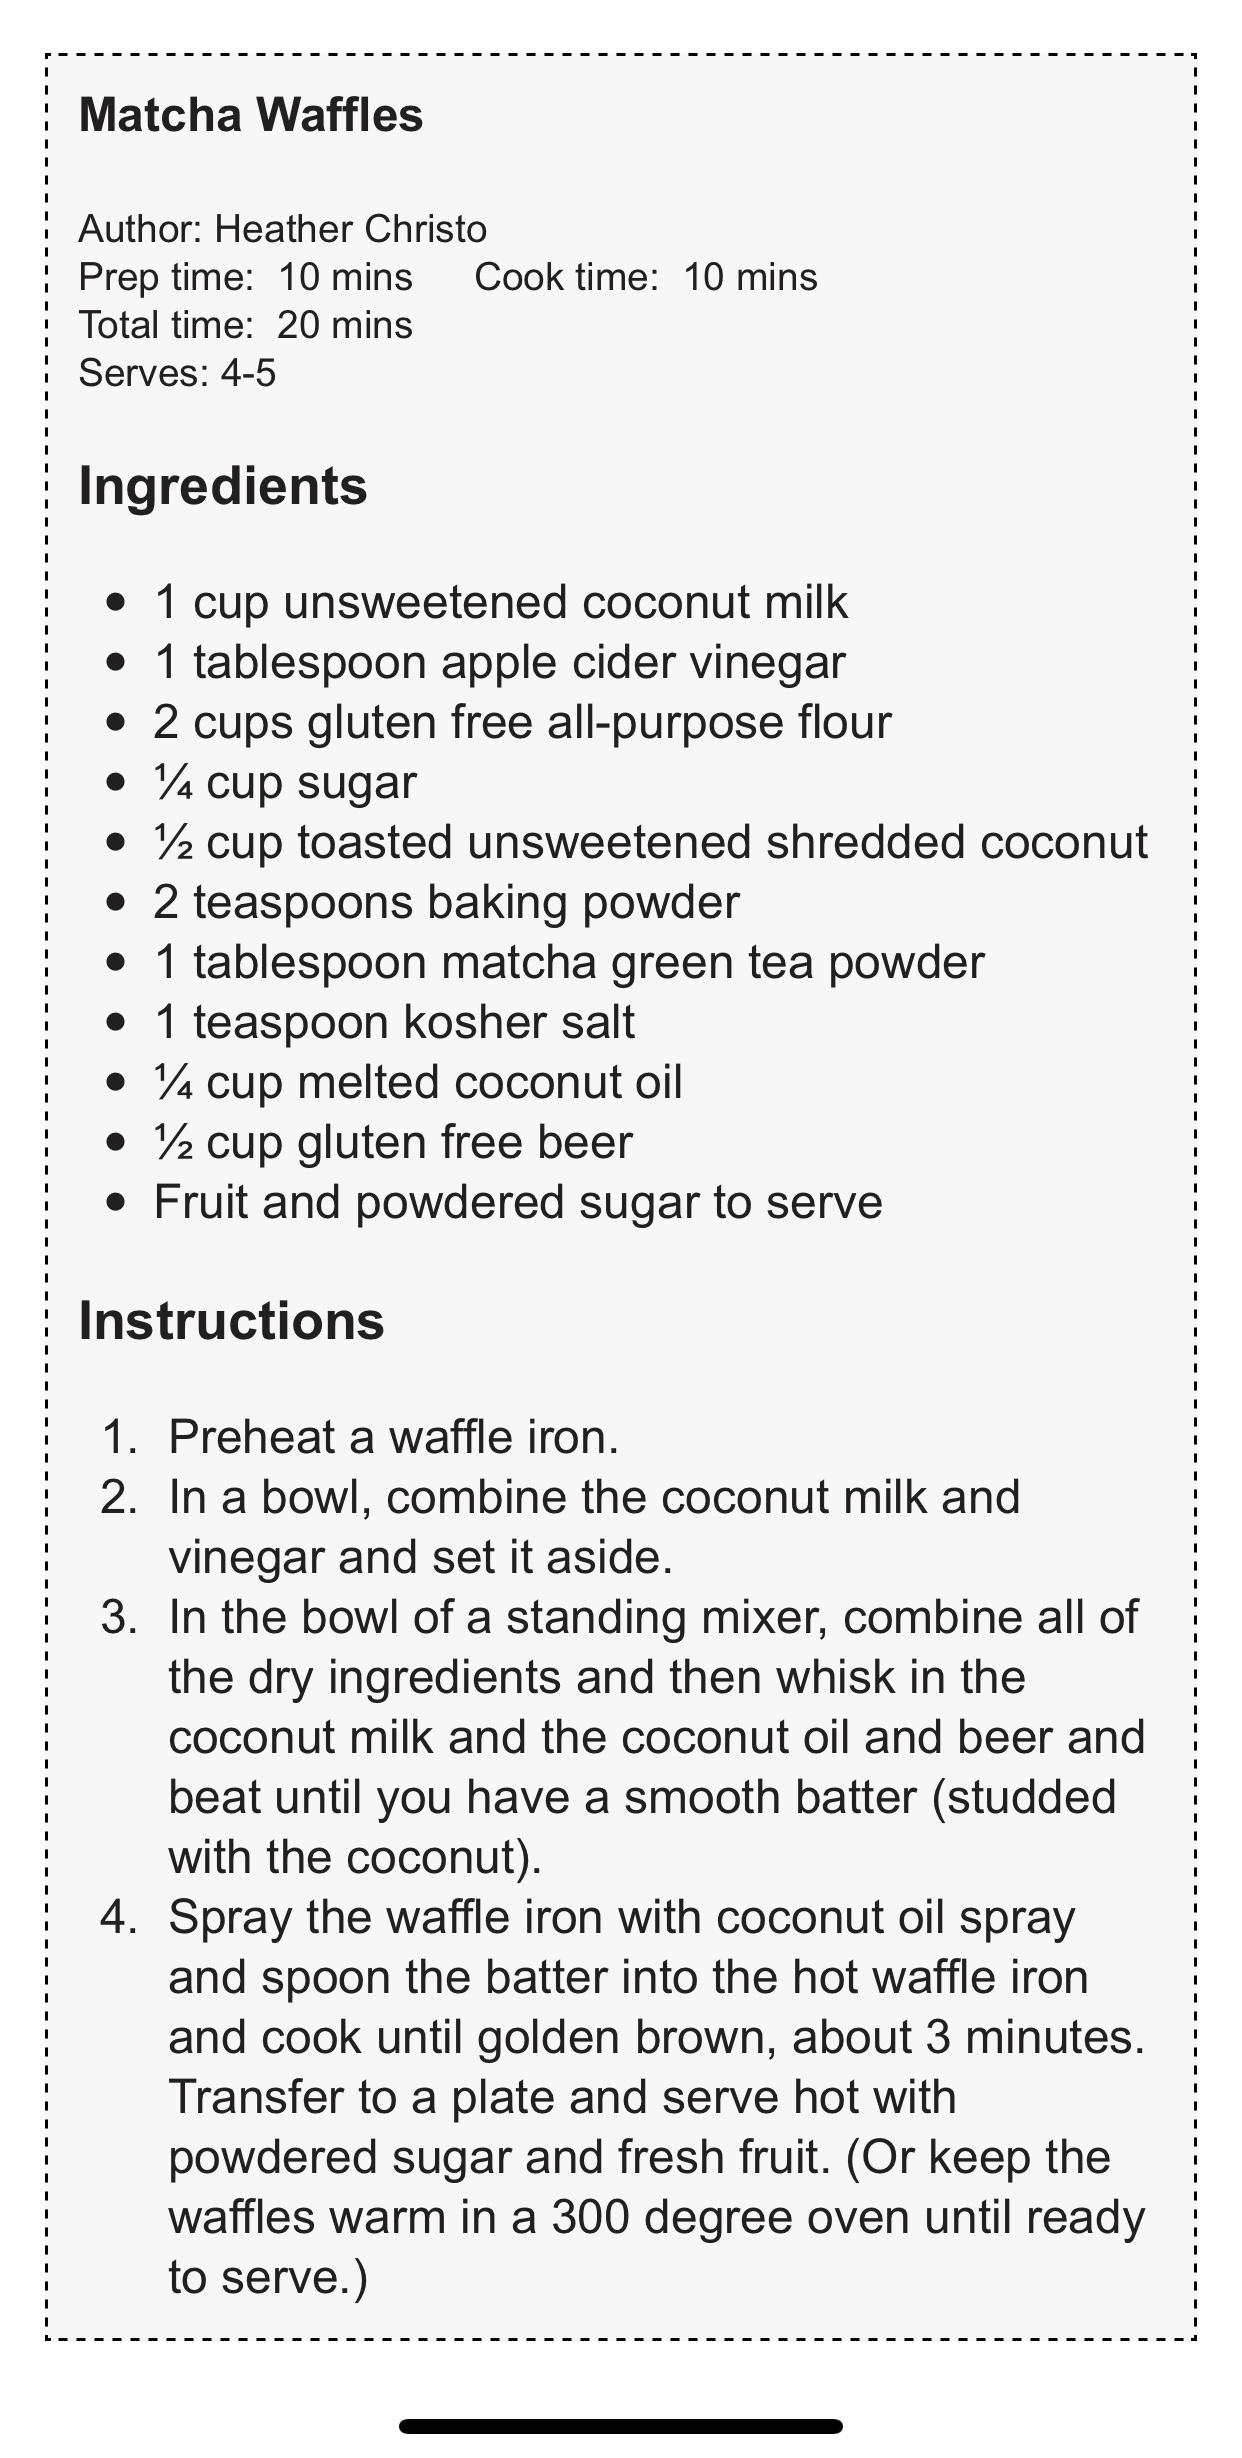 Matcha waffle recipe by Heather Christo